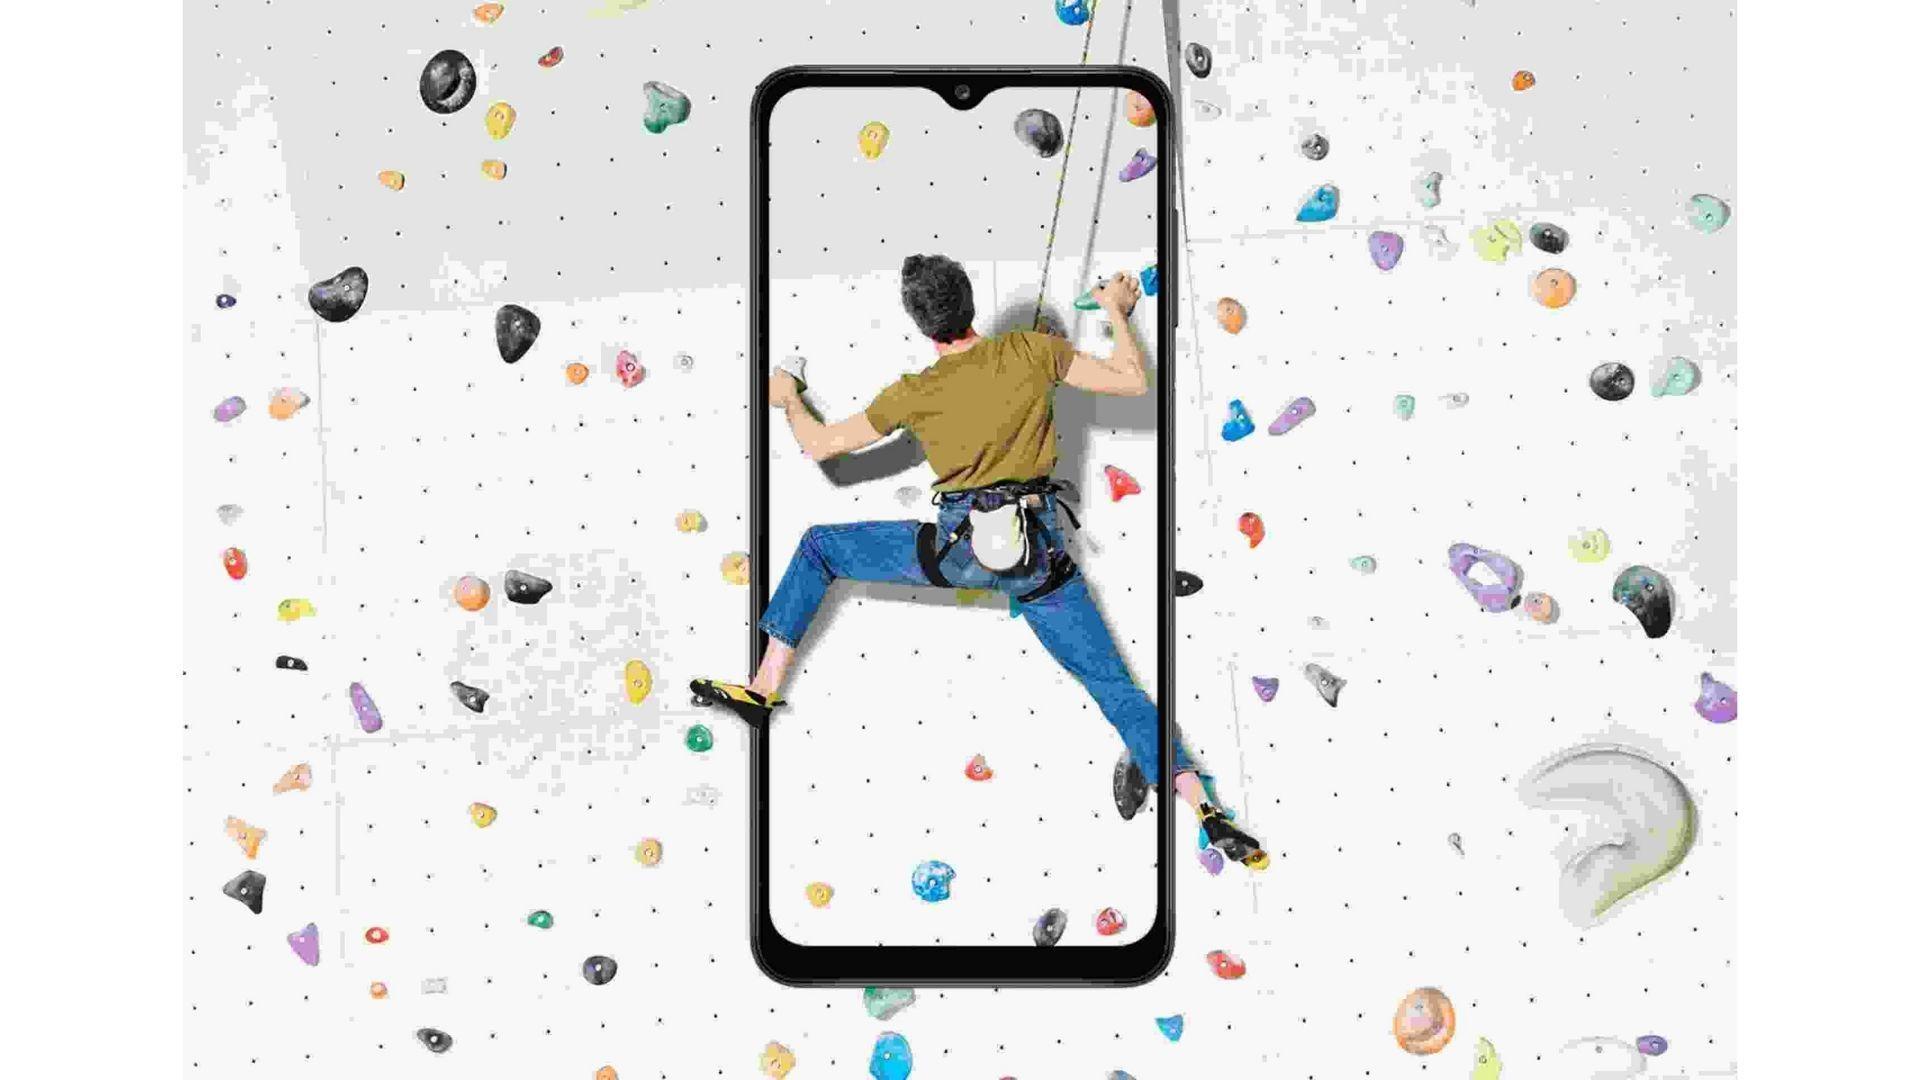 Arte que simula uma pessoa em escalada saindo de dentro de um Galaxy A12